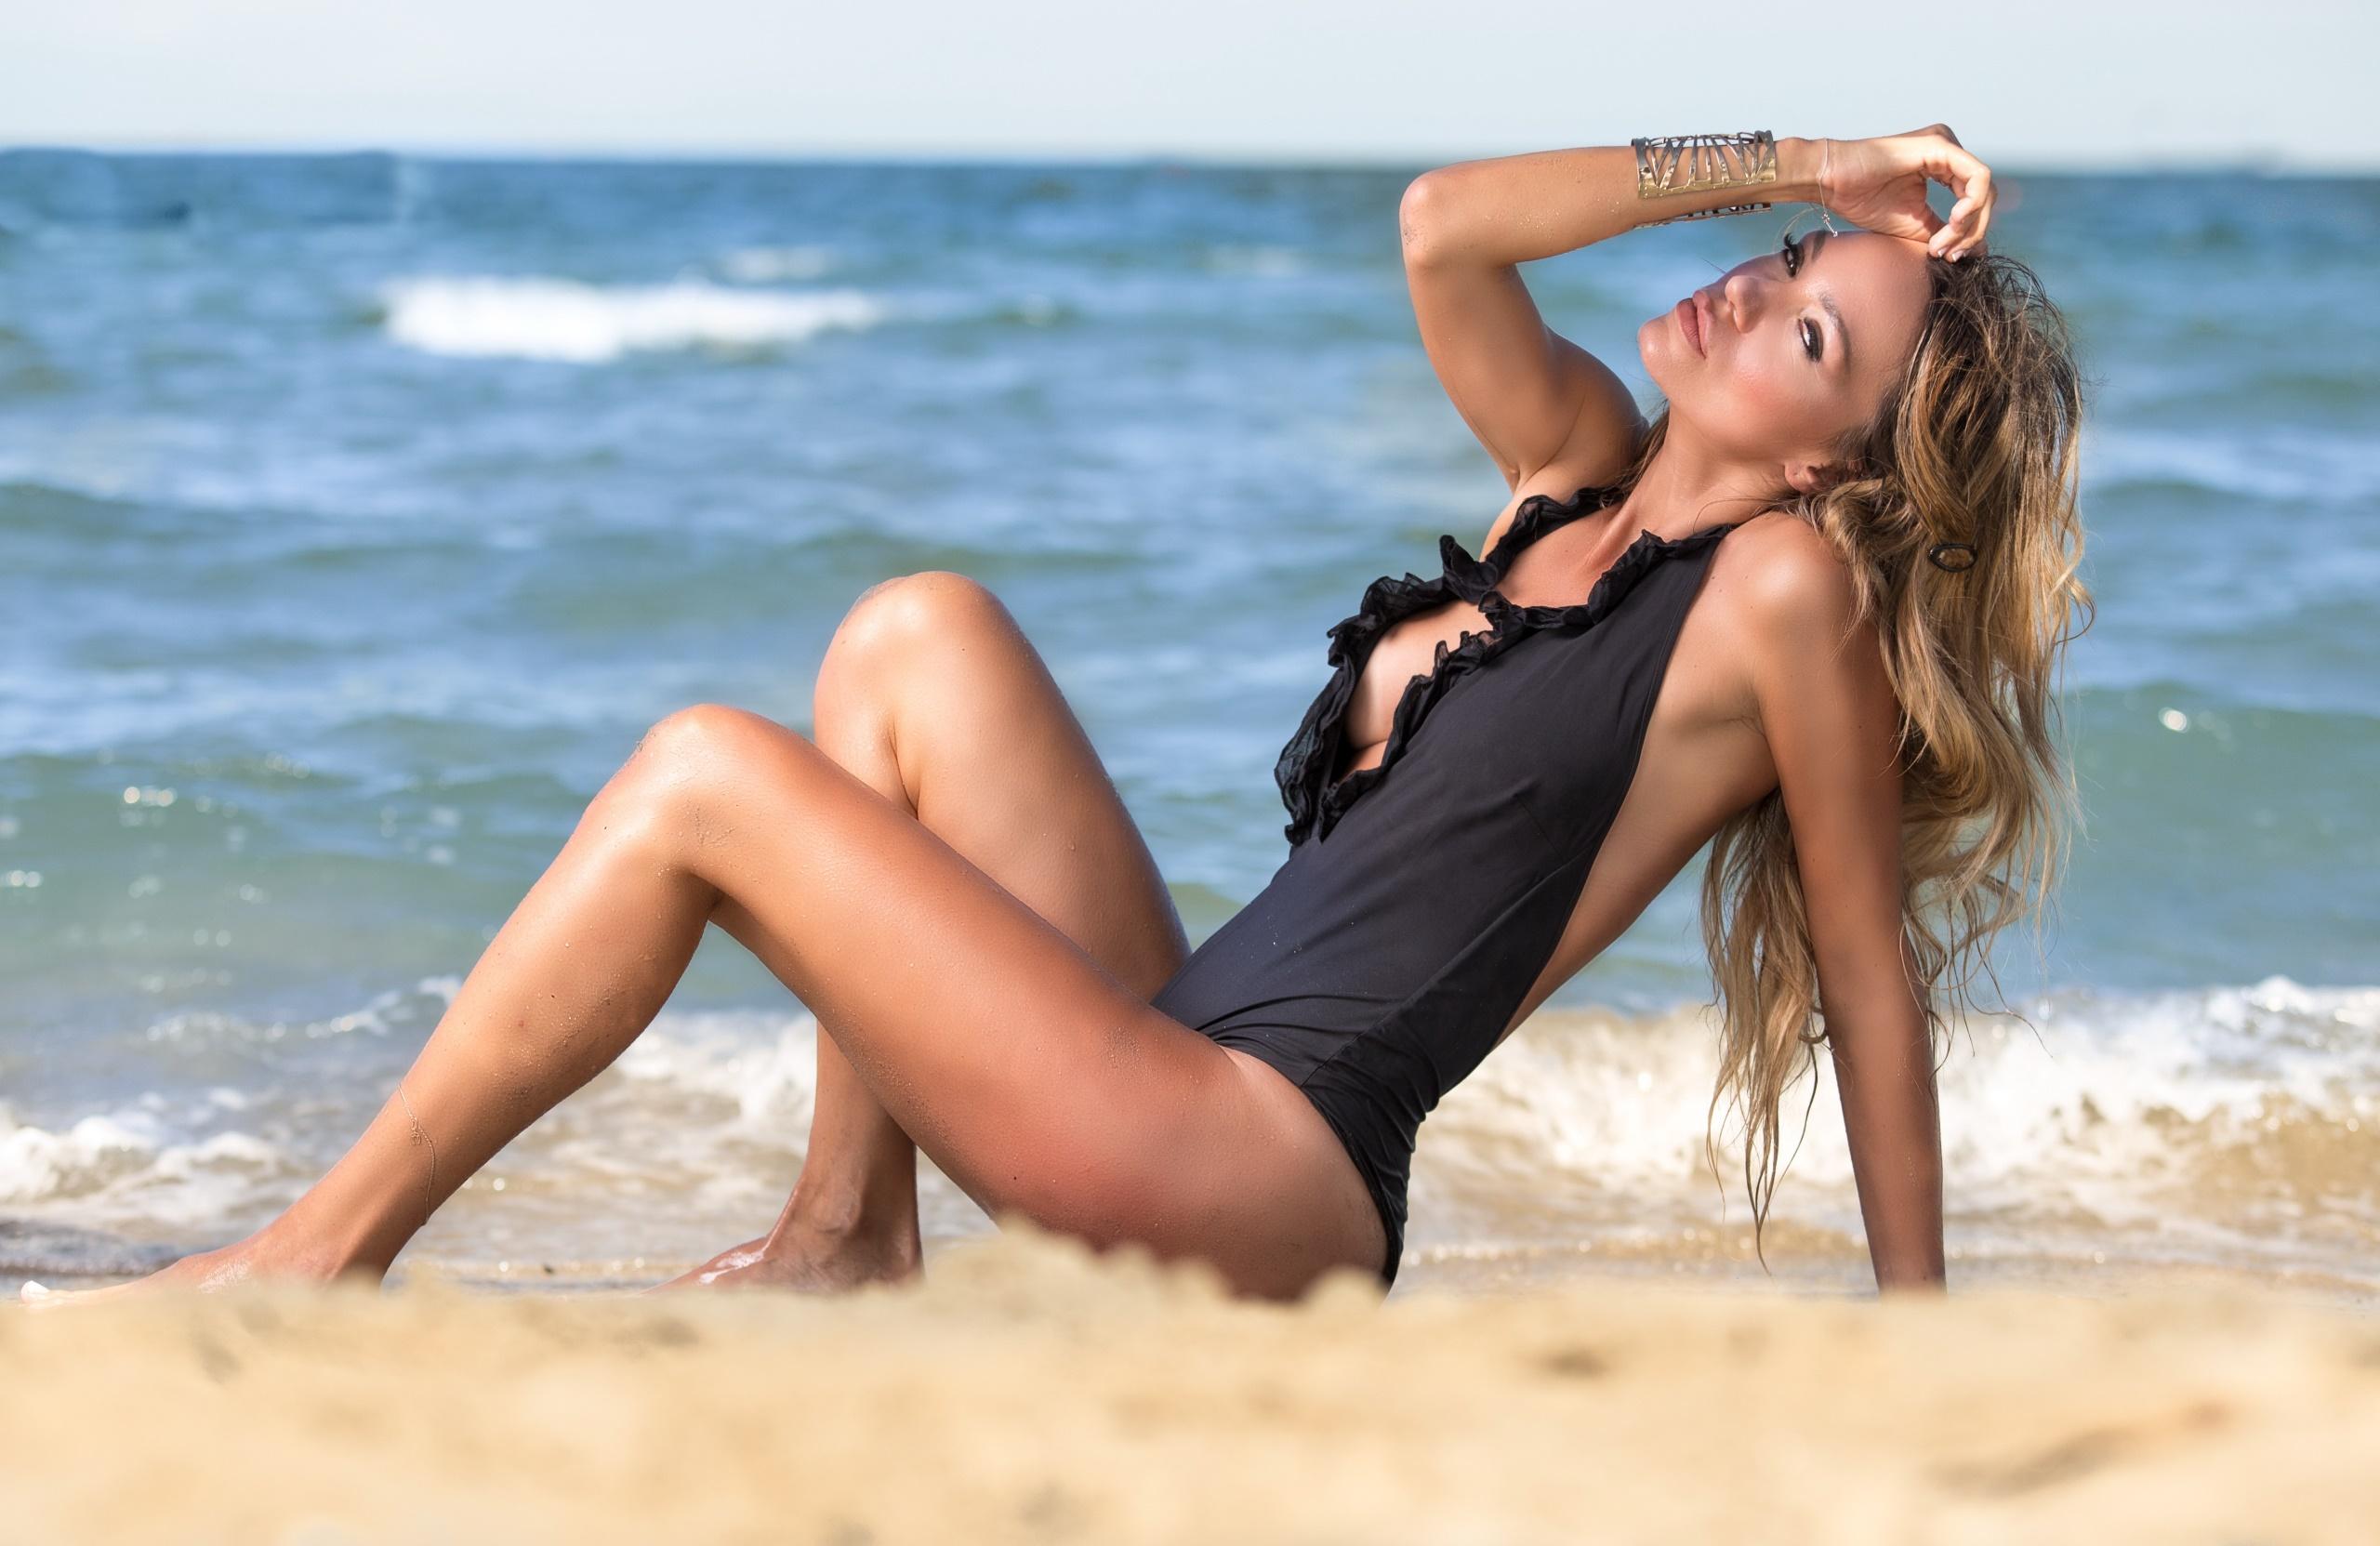 Beach Shemale Porn